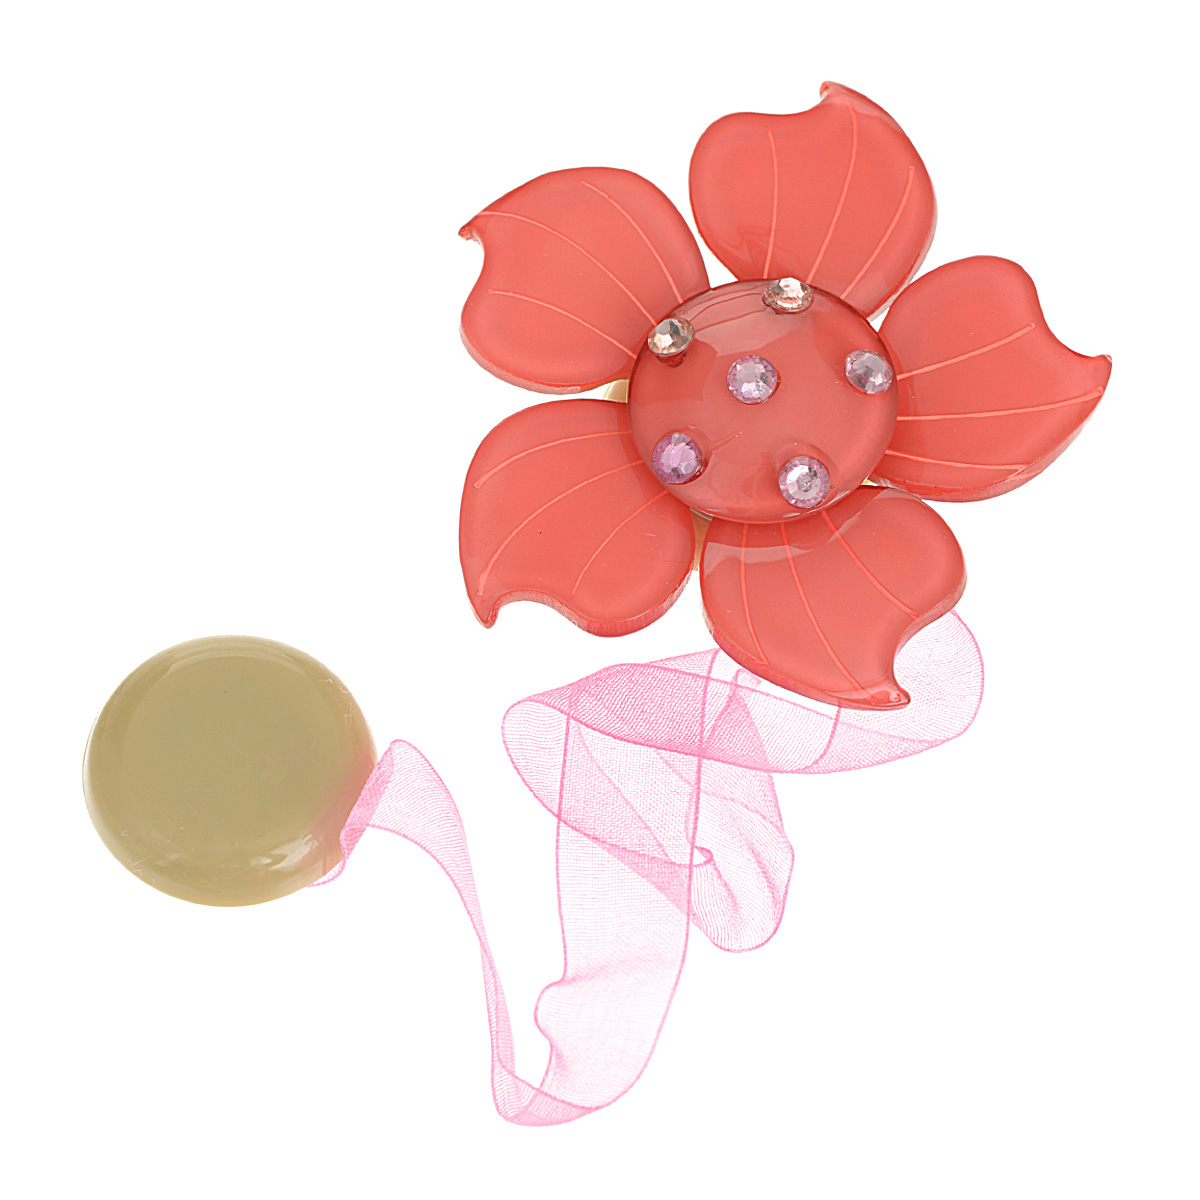 Клипса-магнит для штор Calamita Fiore, цвет: коралловый. 7704007_5407704007_540Клипса-магнит Calamita Fiore, изготовленная из пластика и текстиля,предназначена для придания формы шторам. Изделие представляет собой двамагнита, расположенные на разных концах текстильной ленты. Один из магнитовоформлен декоративным цветком и украшен стразами. С помощью такоймагнитной клипсы можно зафиксировать портьеры, придать им требуемоеположение, сделать складки симметричными или приблизить портьеры, скрепитьих.Клипсы для штор являются универсальным изделием, которое превосходноподойдет как для штор в детской комнате, так и для штор в гостиной. Следуетотметить, что клипсы для штор выполняют не только практическую функцию, нотакже являются одной из основных деталей декора этого изделия, котораяпридает шторам восхитительный, стильный внешний вид. Диаметр декоративного цветка: 6 см. Диаметр магнита: 2,5 см. Длина ленты: 28 см.